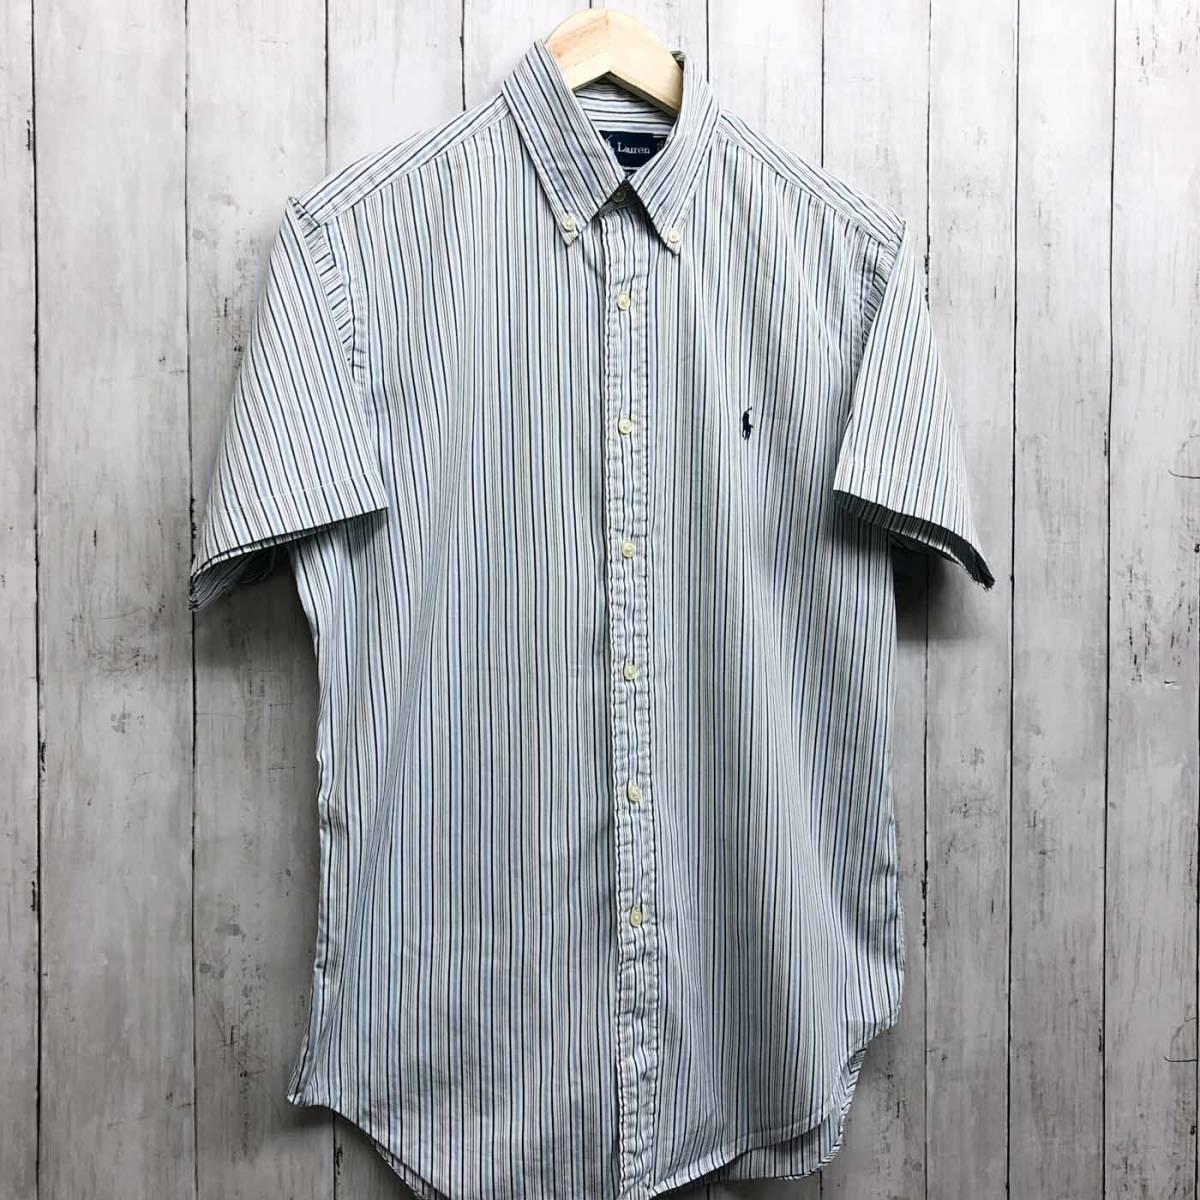 ラルフローレン POLO Ralph Lauren Polo 半袖シャツ メンズ ワンポイント サイズ15(S~Mサイズ相当) 7-177_画像3